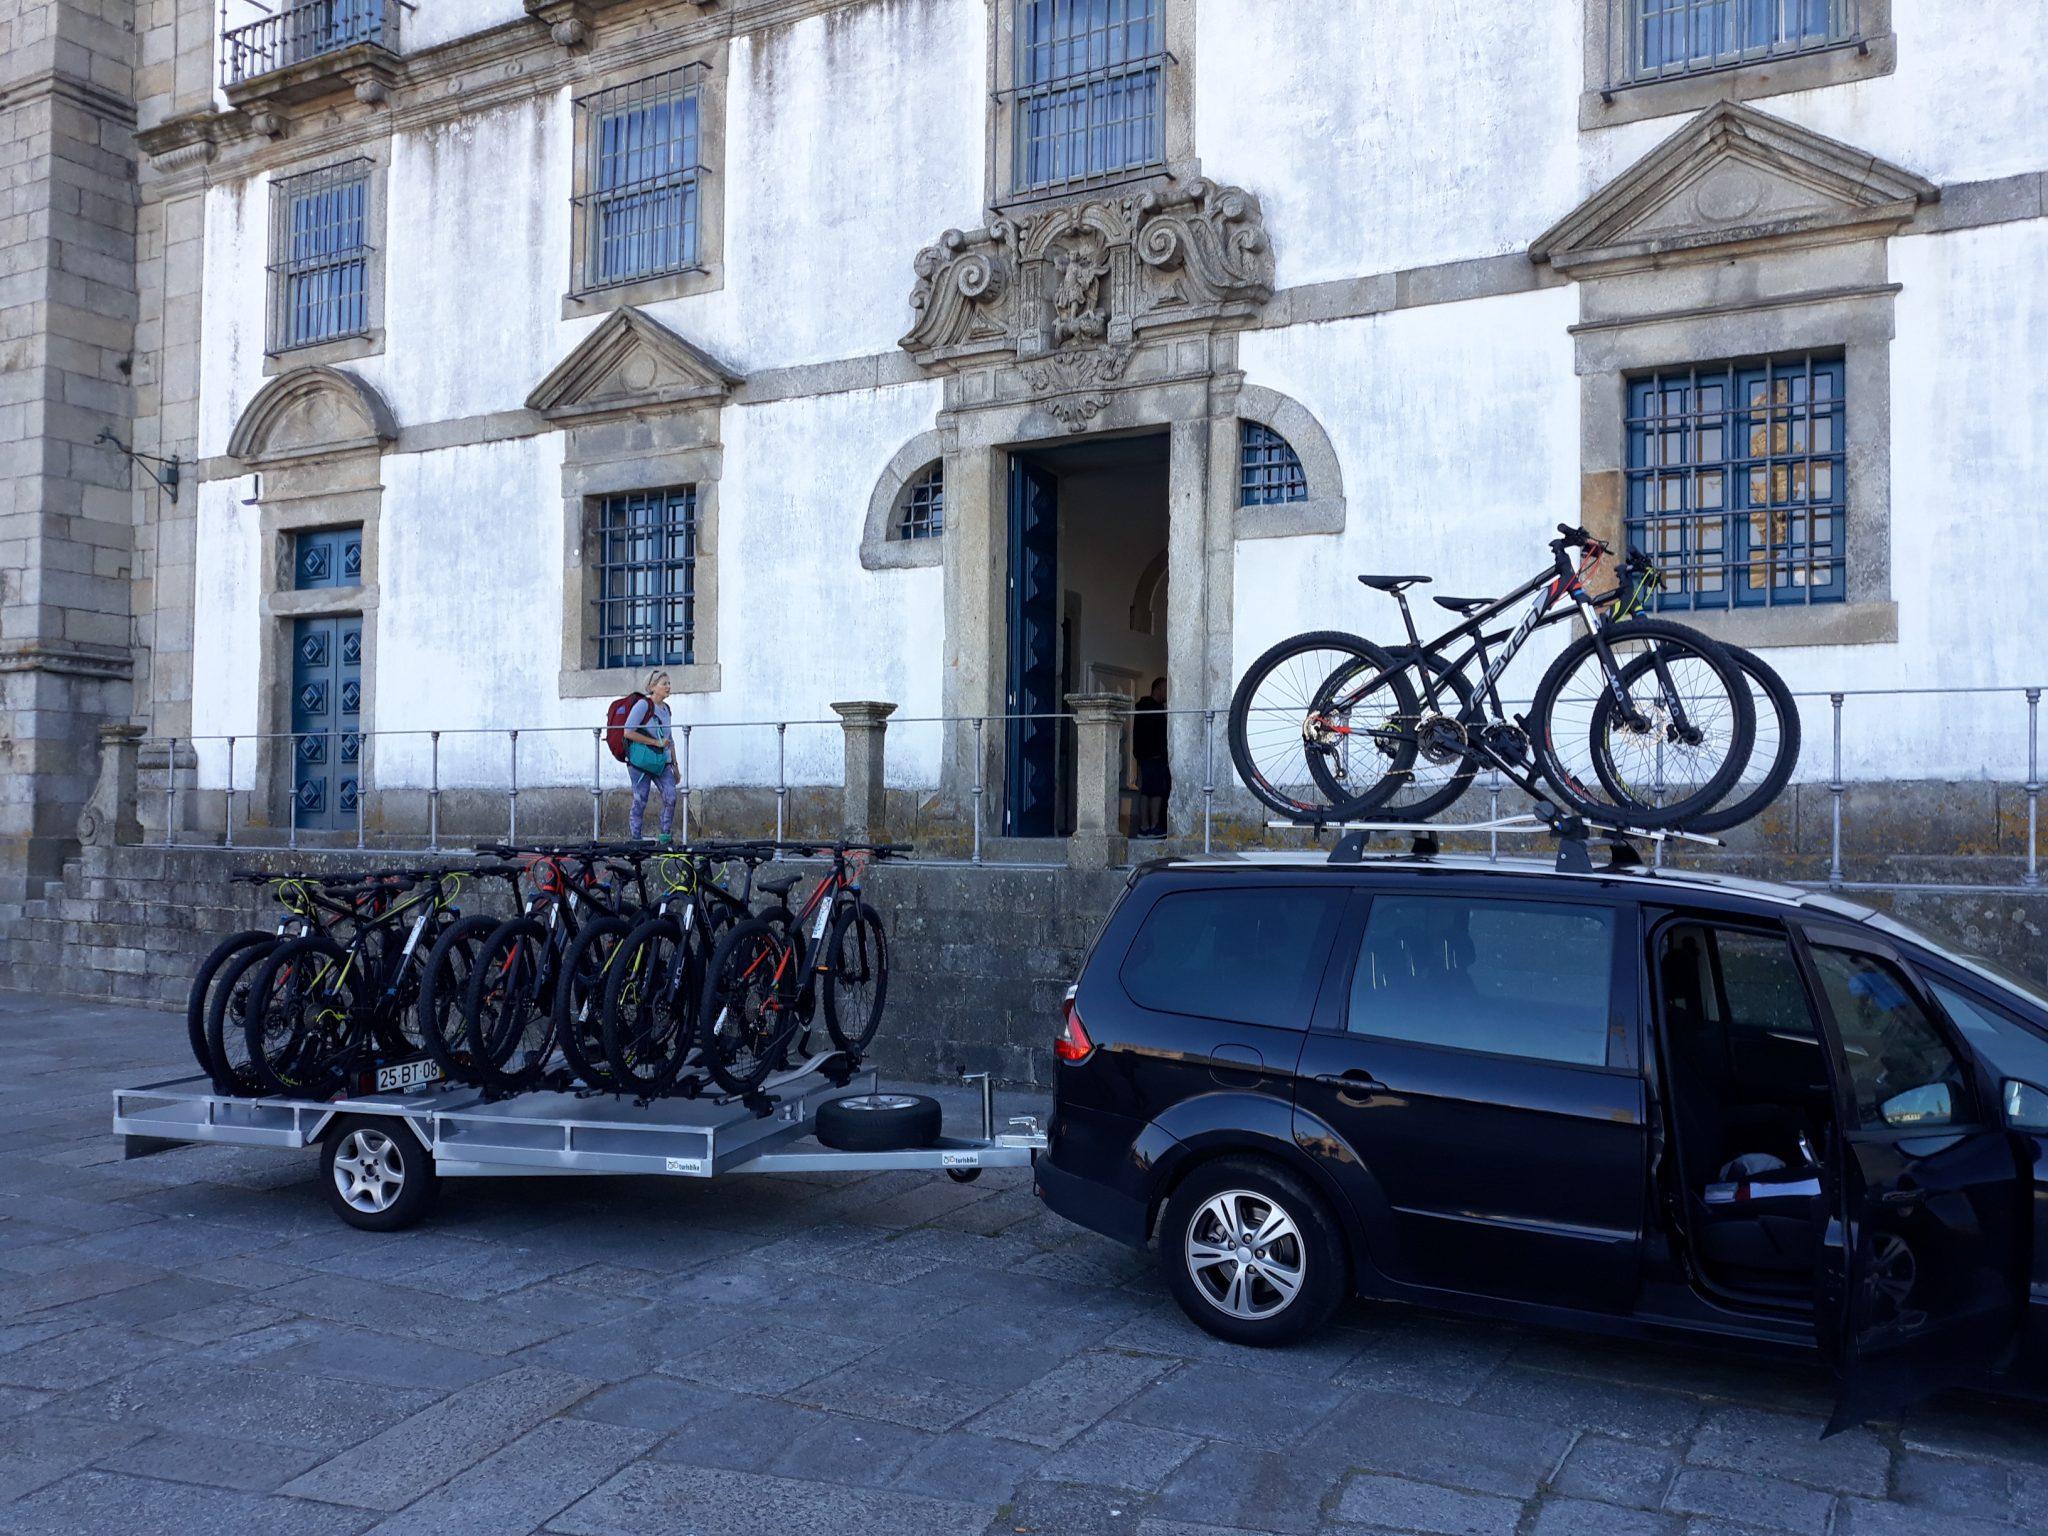 Servicio de transporte para bicicletas y ciclistas